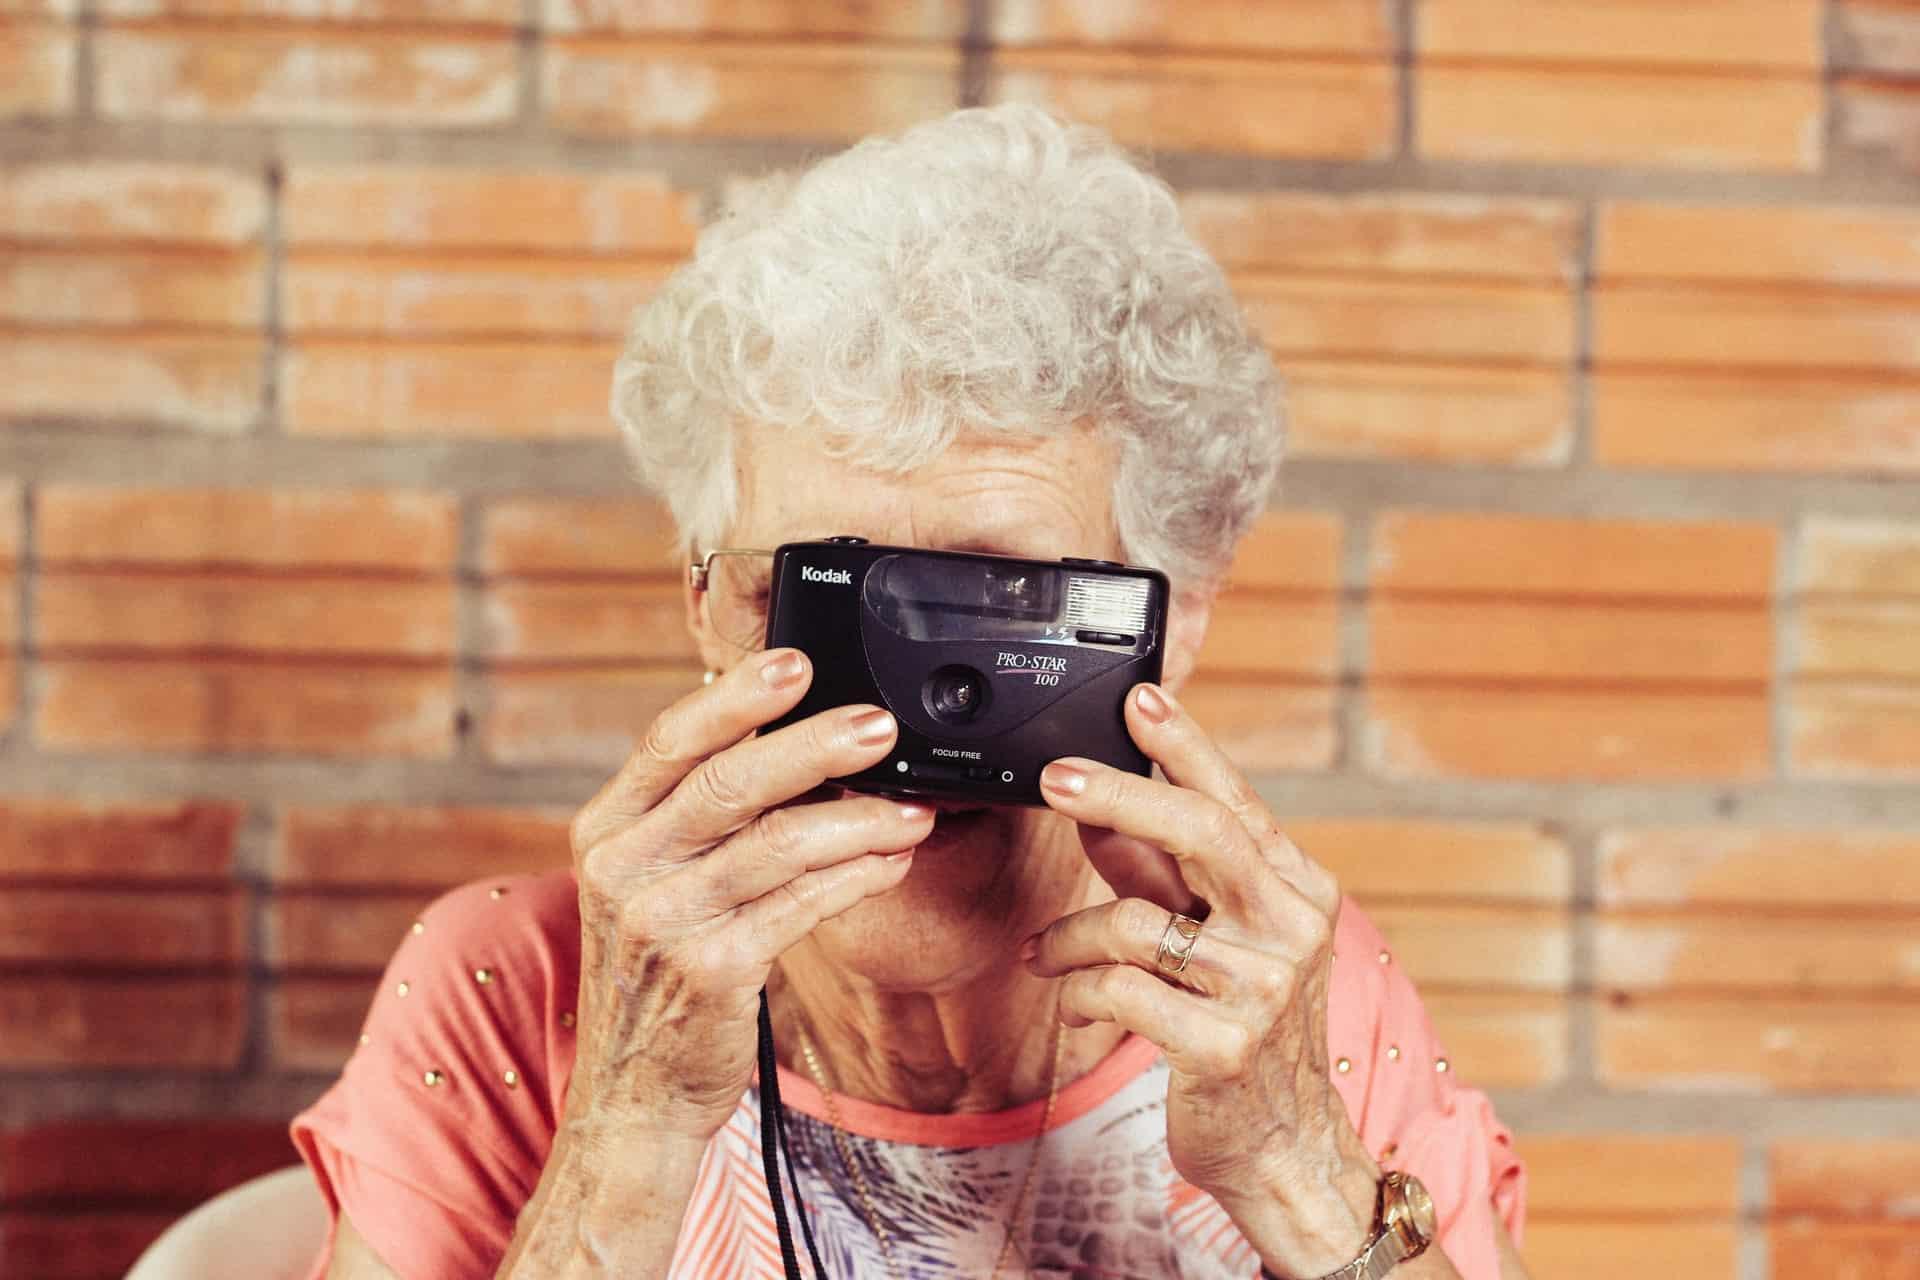 Kodak EasyShare digital frame